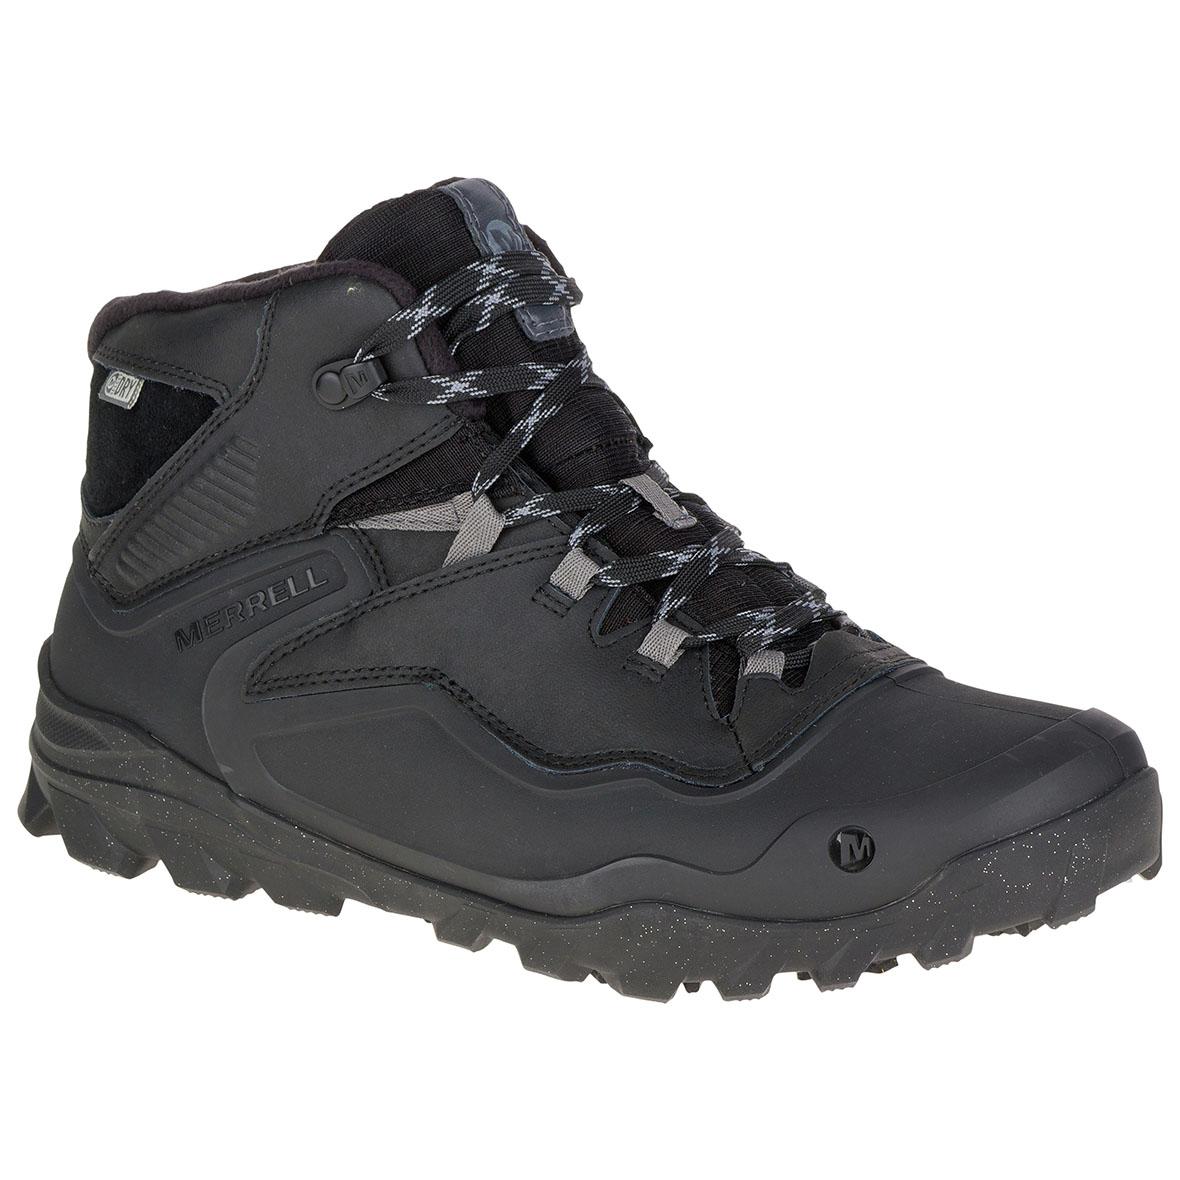 f311defe357 Men\'s Overlook 6 Ice+ Waterproof Boot